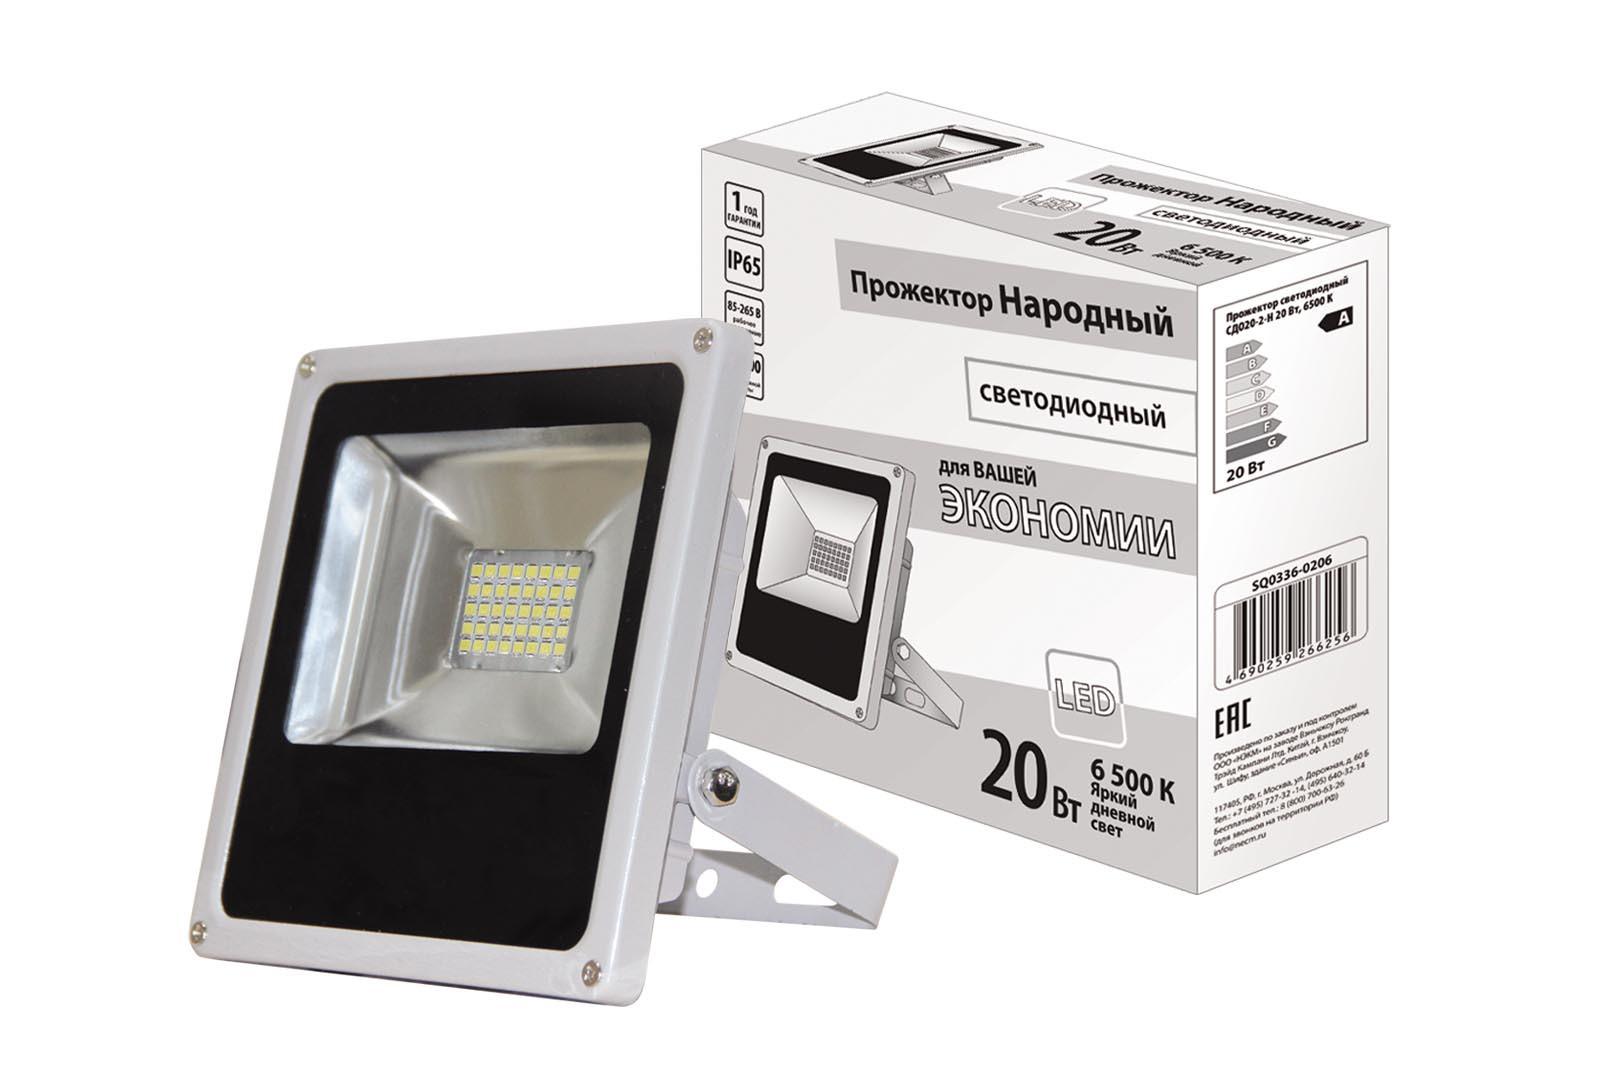 Прожектор ТДМПрожекторы<br>Мощность: 20, Количество ламп: 40, Тип лампы: светодиодная, Патрон: LED, Цвет арматуры: серебристый, Степень защиты от пыли и влаги: IP 65, Угол обзора: 120, Тип: стационарный, Штатив: есть, Назначение прожектора: промышленный, Цветовая температура: 6500<br>